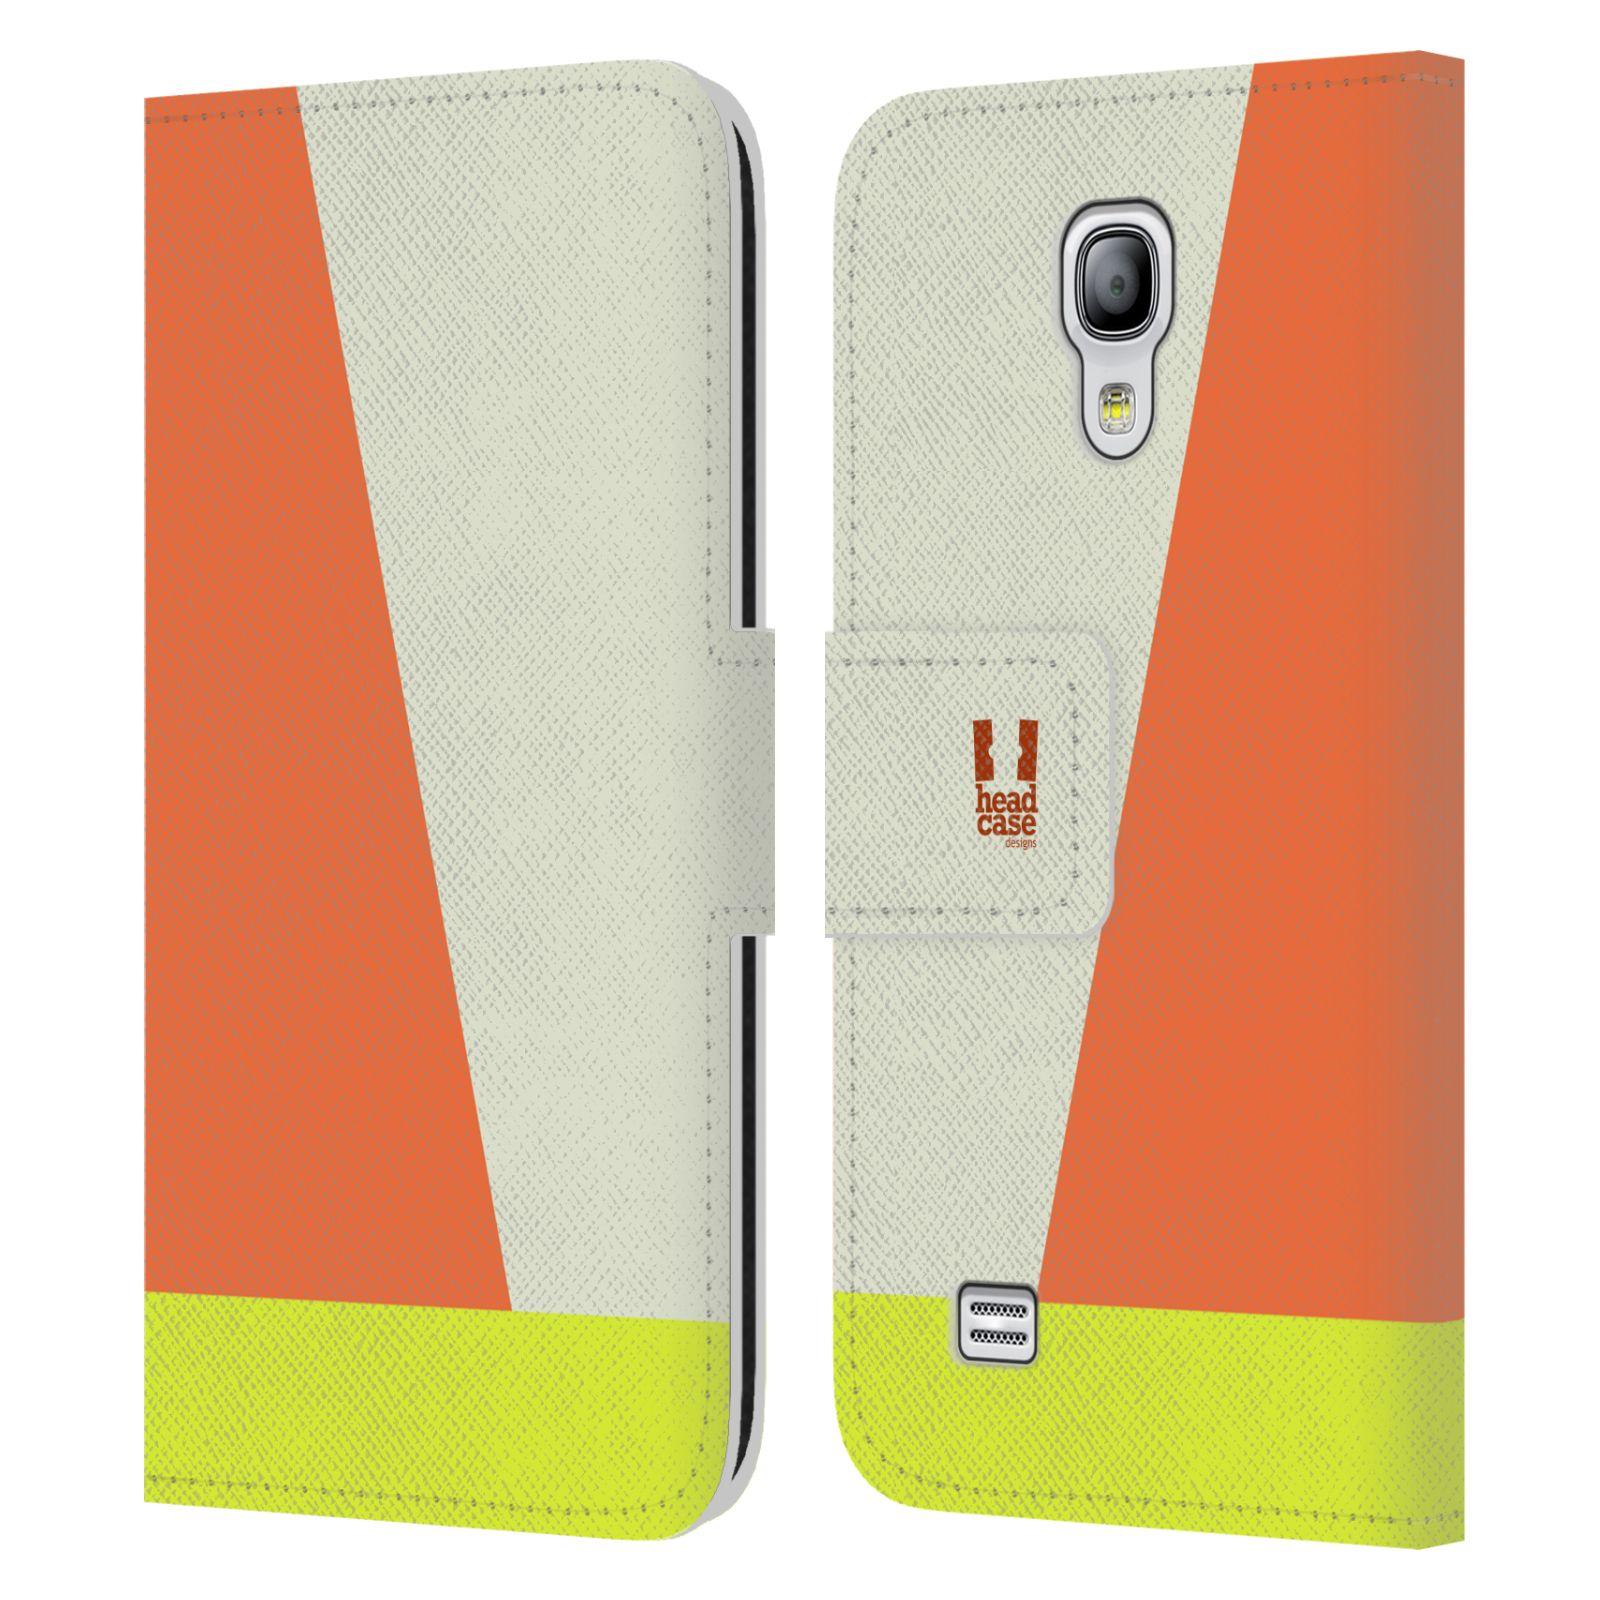 HEAD CASE Flipové pouzdro pro mobil Samsung Galaxy S4 MINI barevné tvary slonová kost